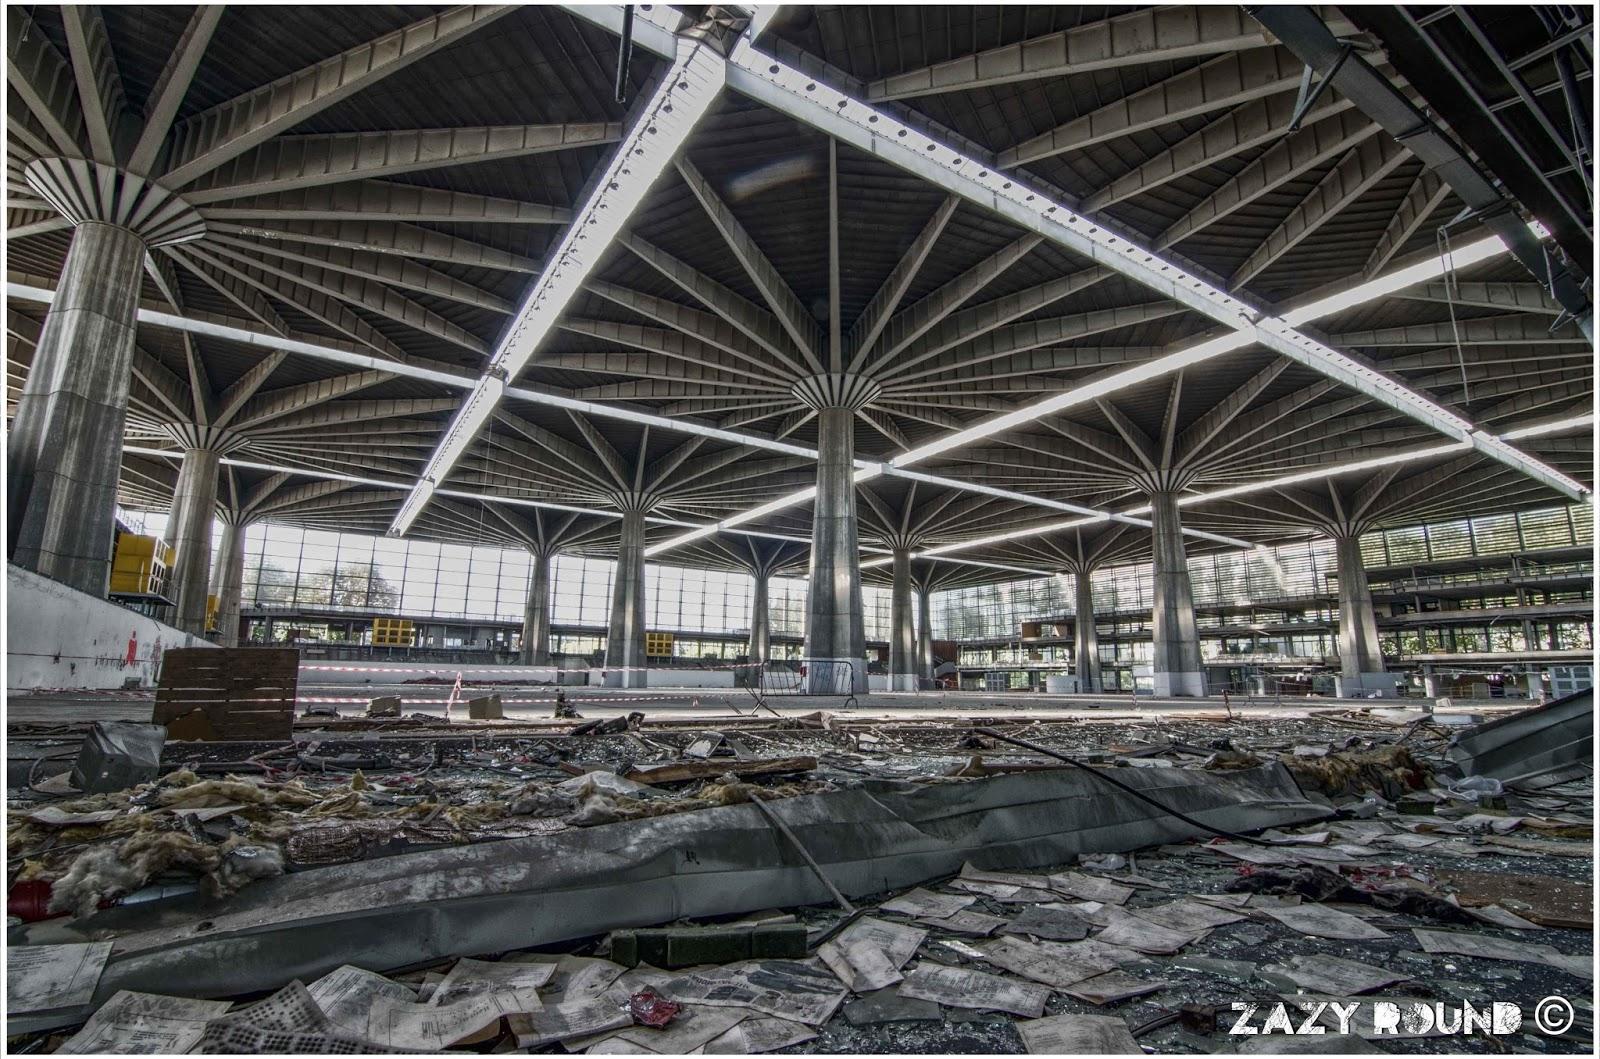 Il palazzo del lavoro di Pierluigi Nervi in una foto recente